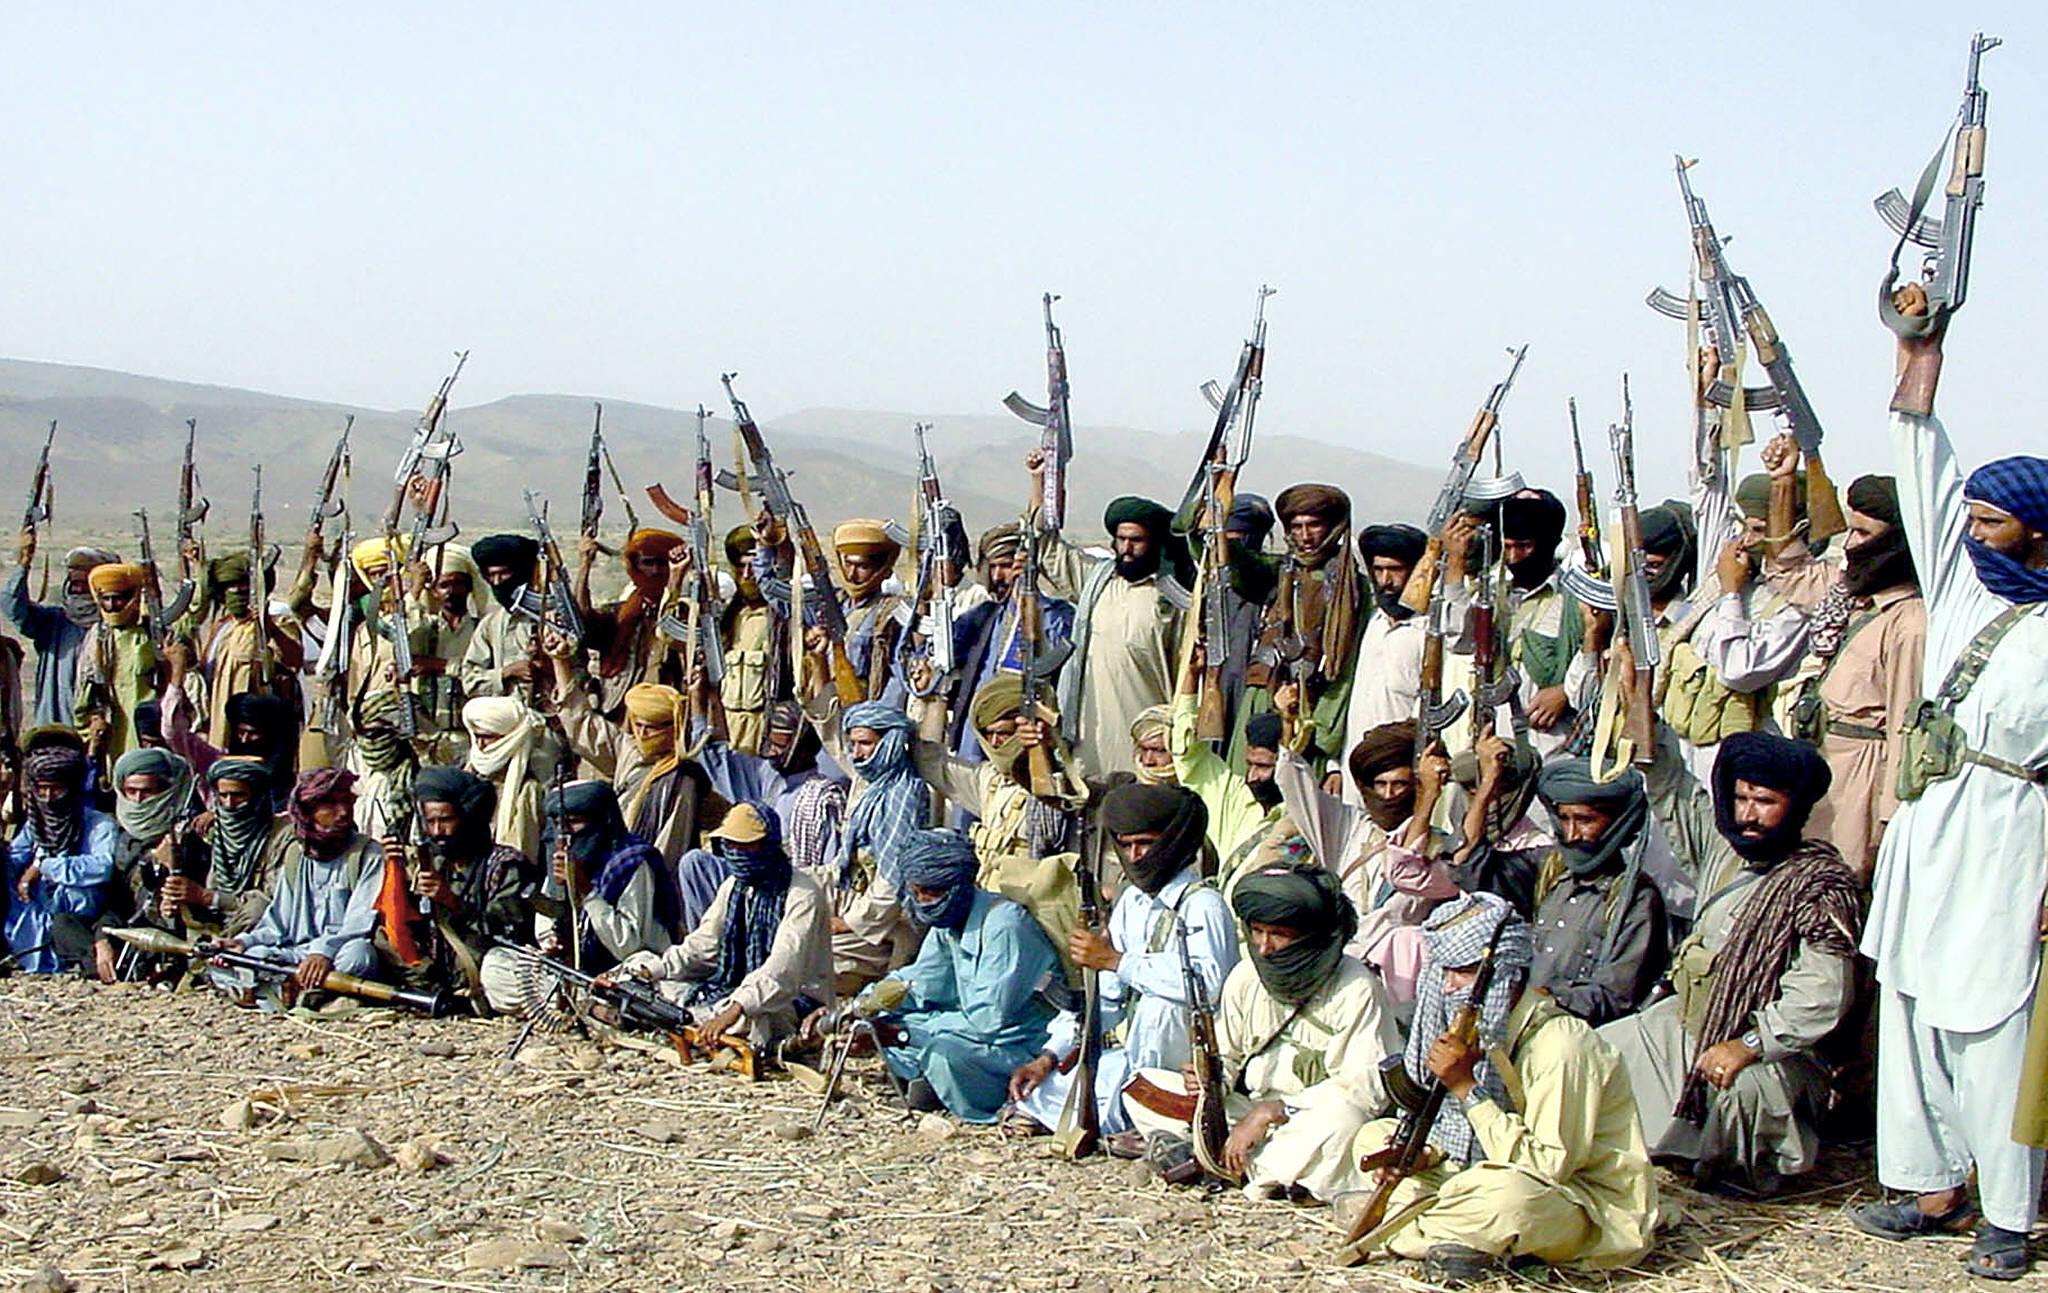 أعضاء قبيلة مري البلوشية والذين تتهمهم باكستان بتنفيذ هجمات ضد قواتها الأمنية - تموز/يوليو 2004